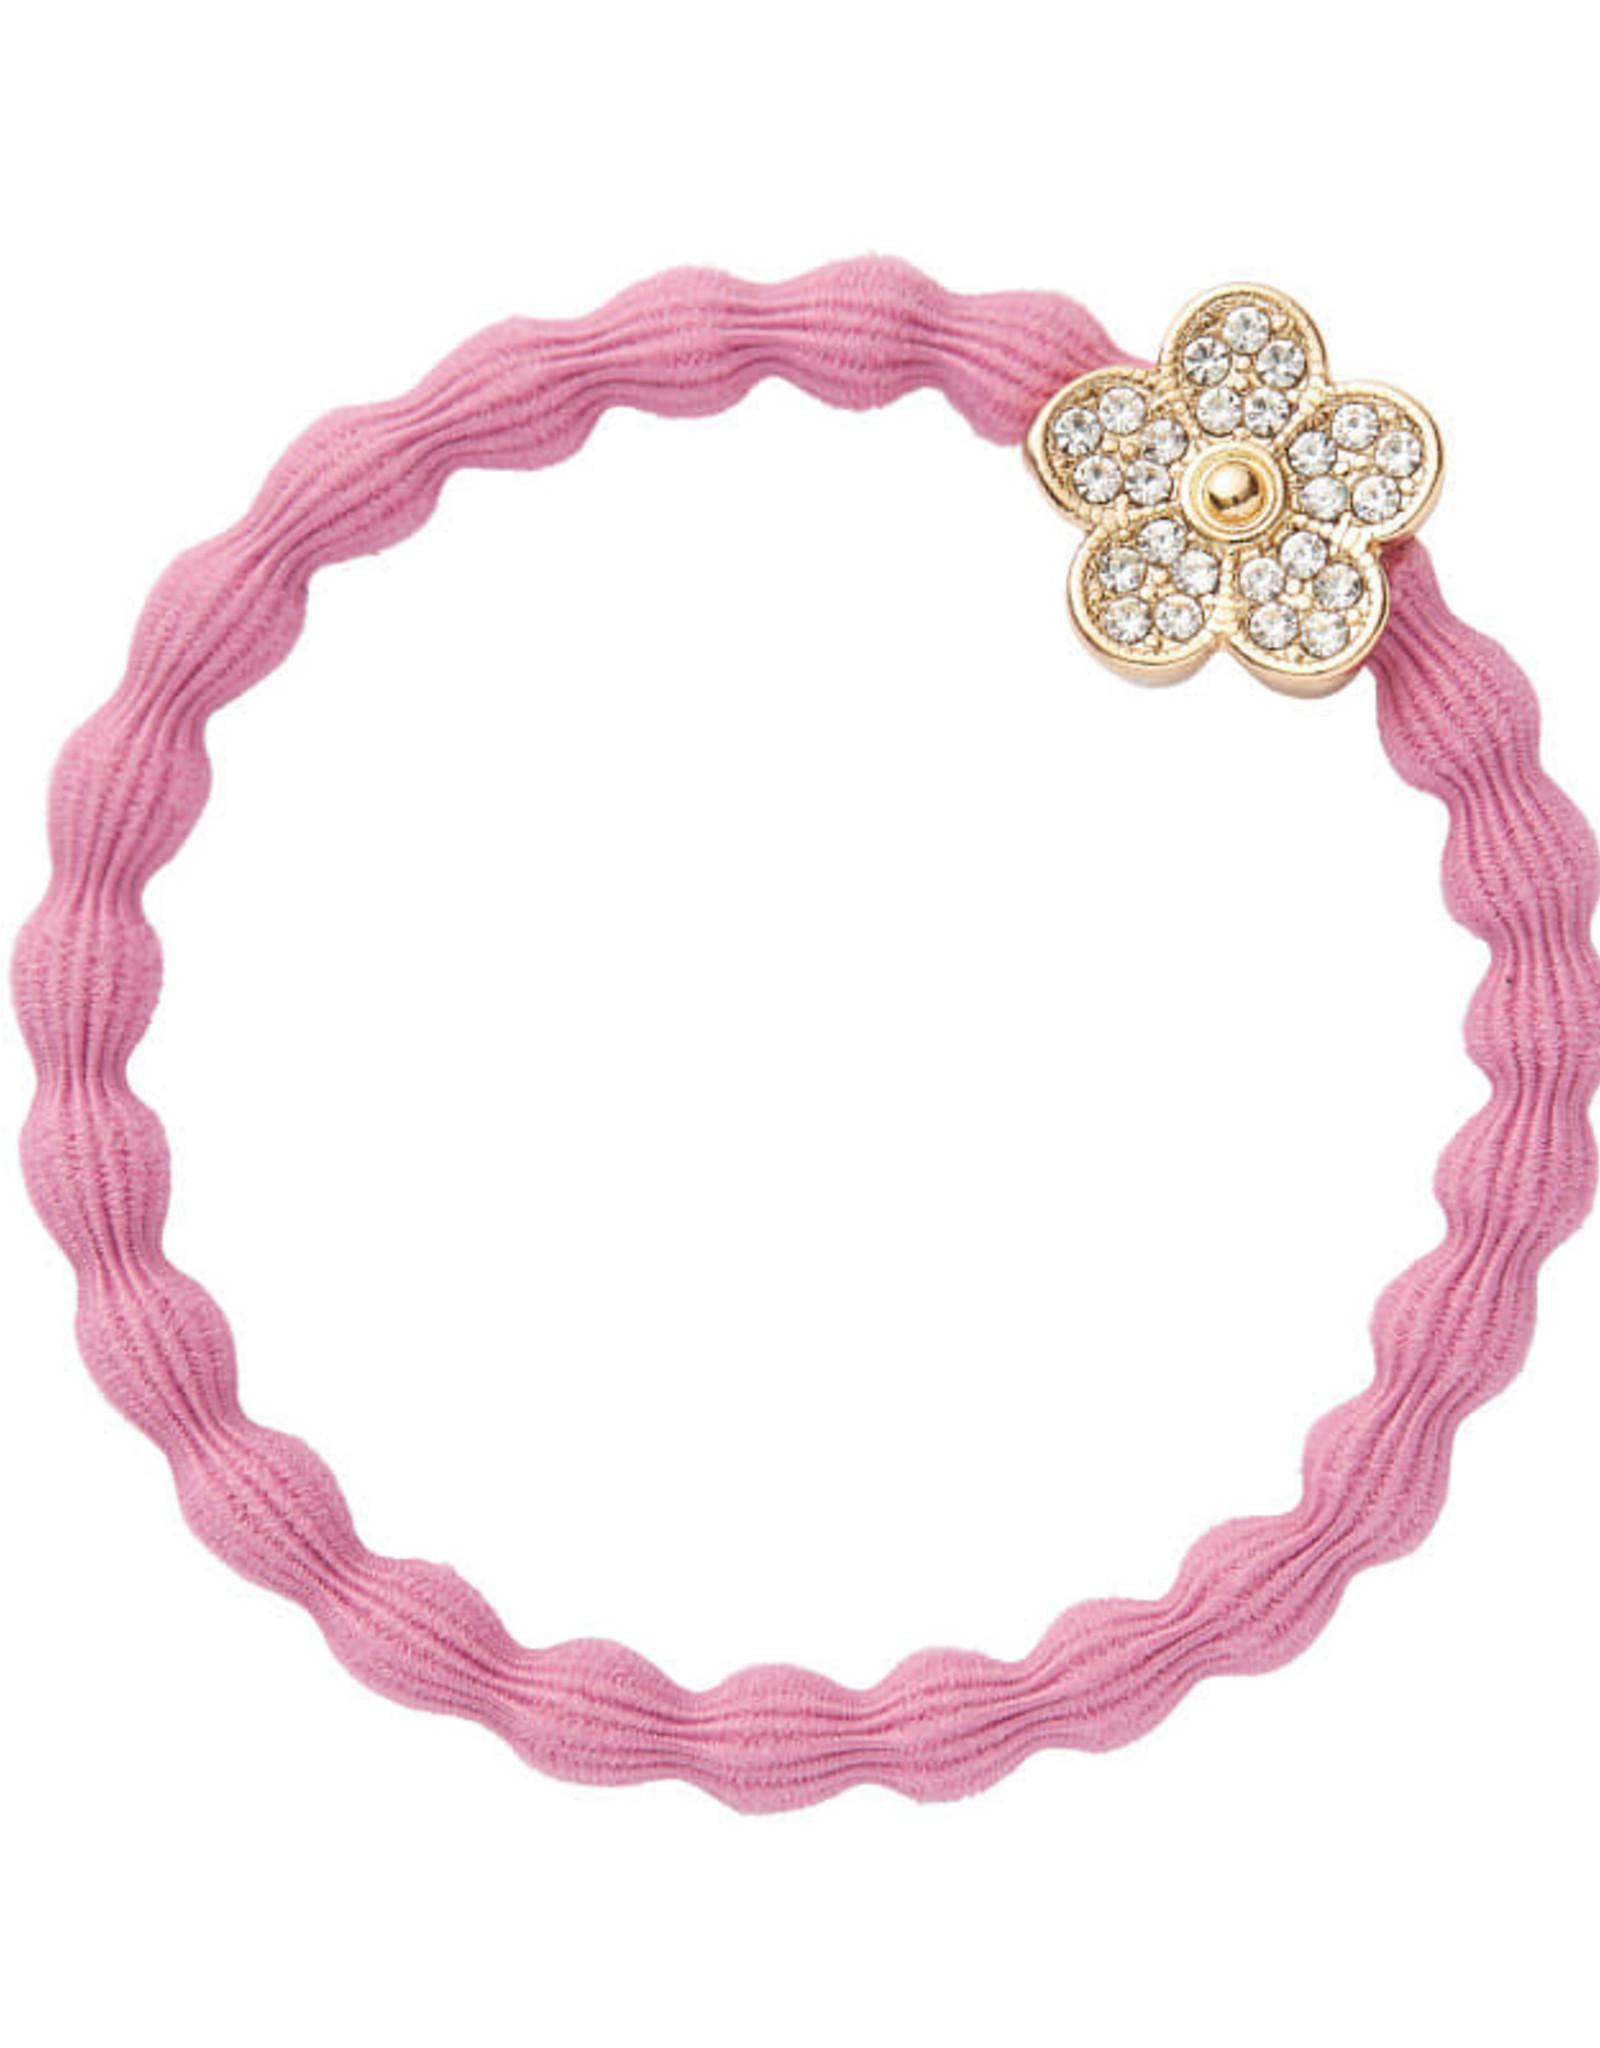 By Eloise By Eloise bloem steentjes roze